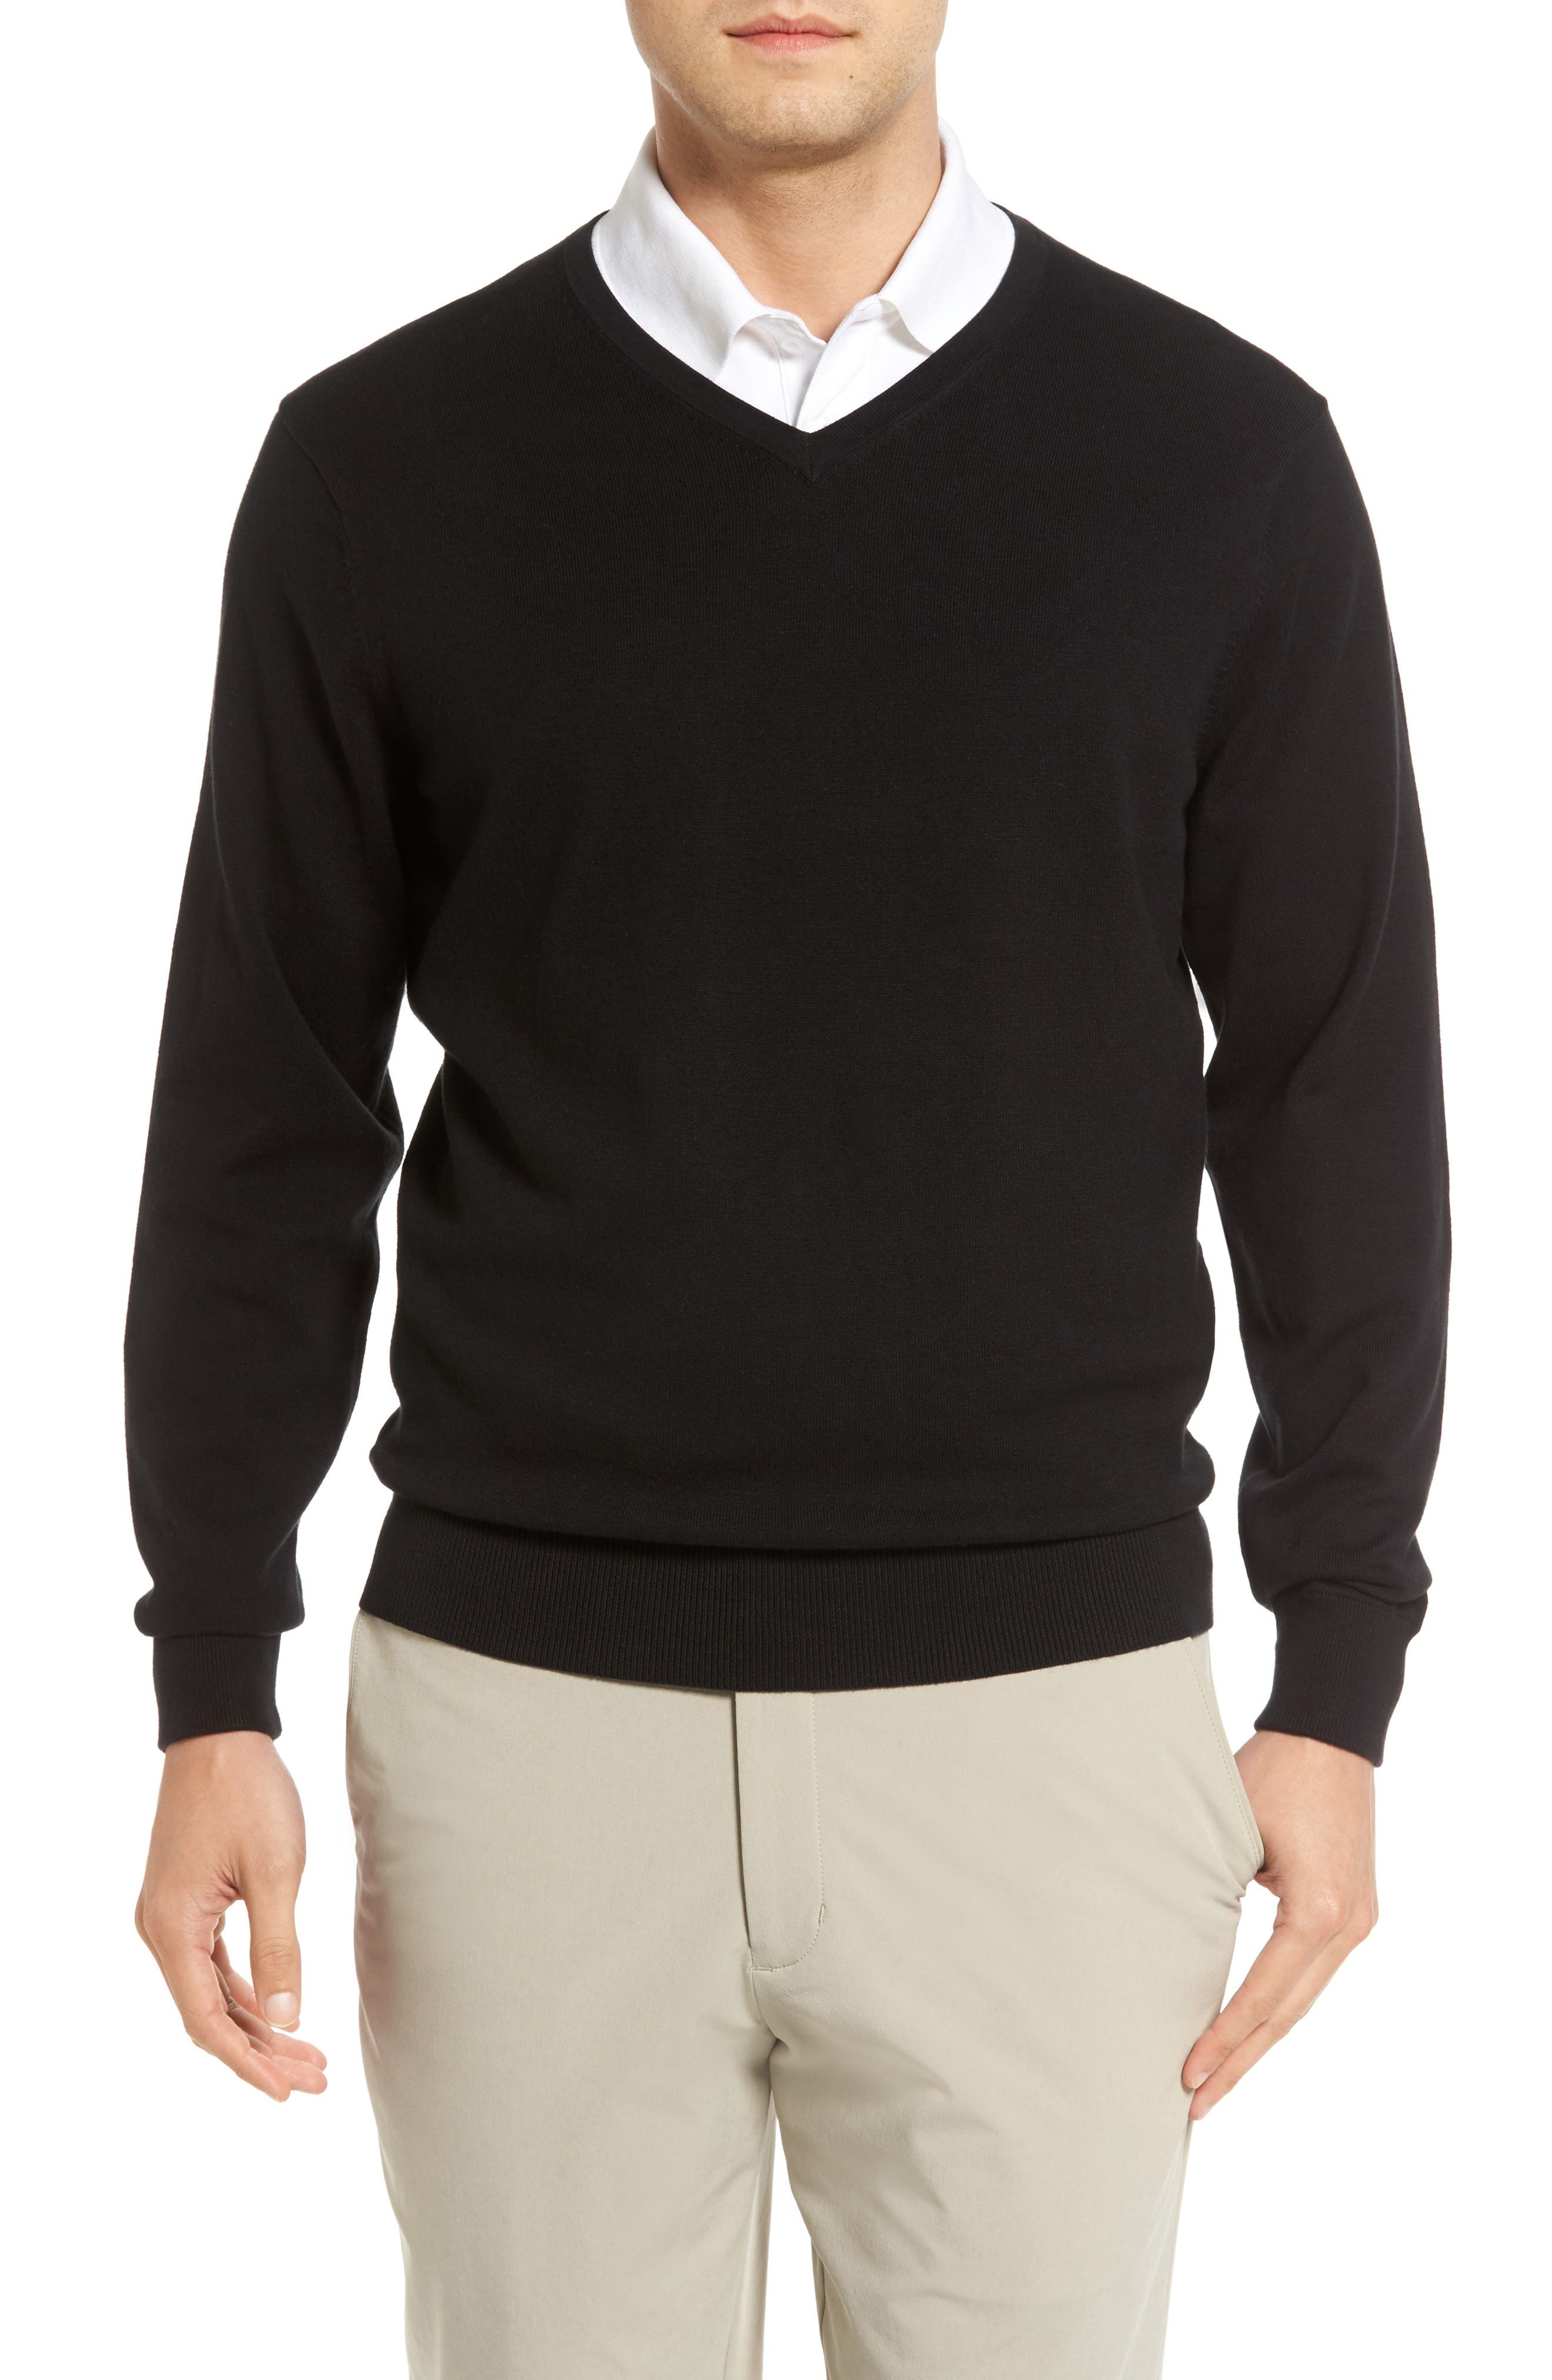 Lakemont V-Neck Sweater,                             Main thumbnail 1, color,                             BLACK